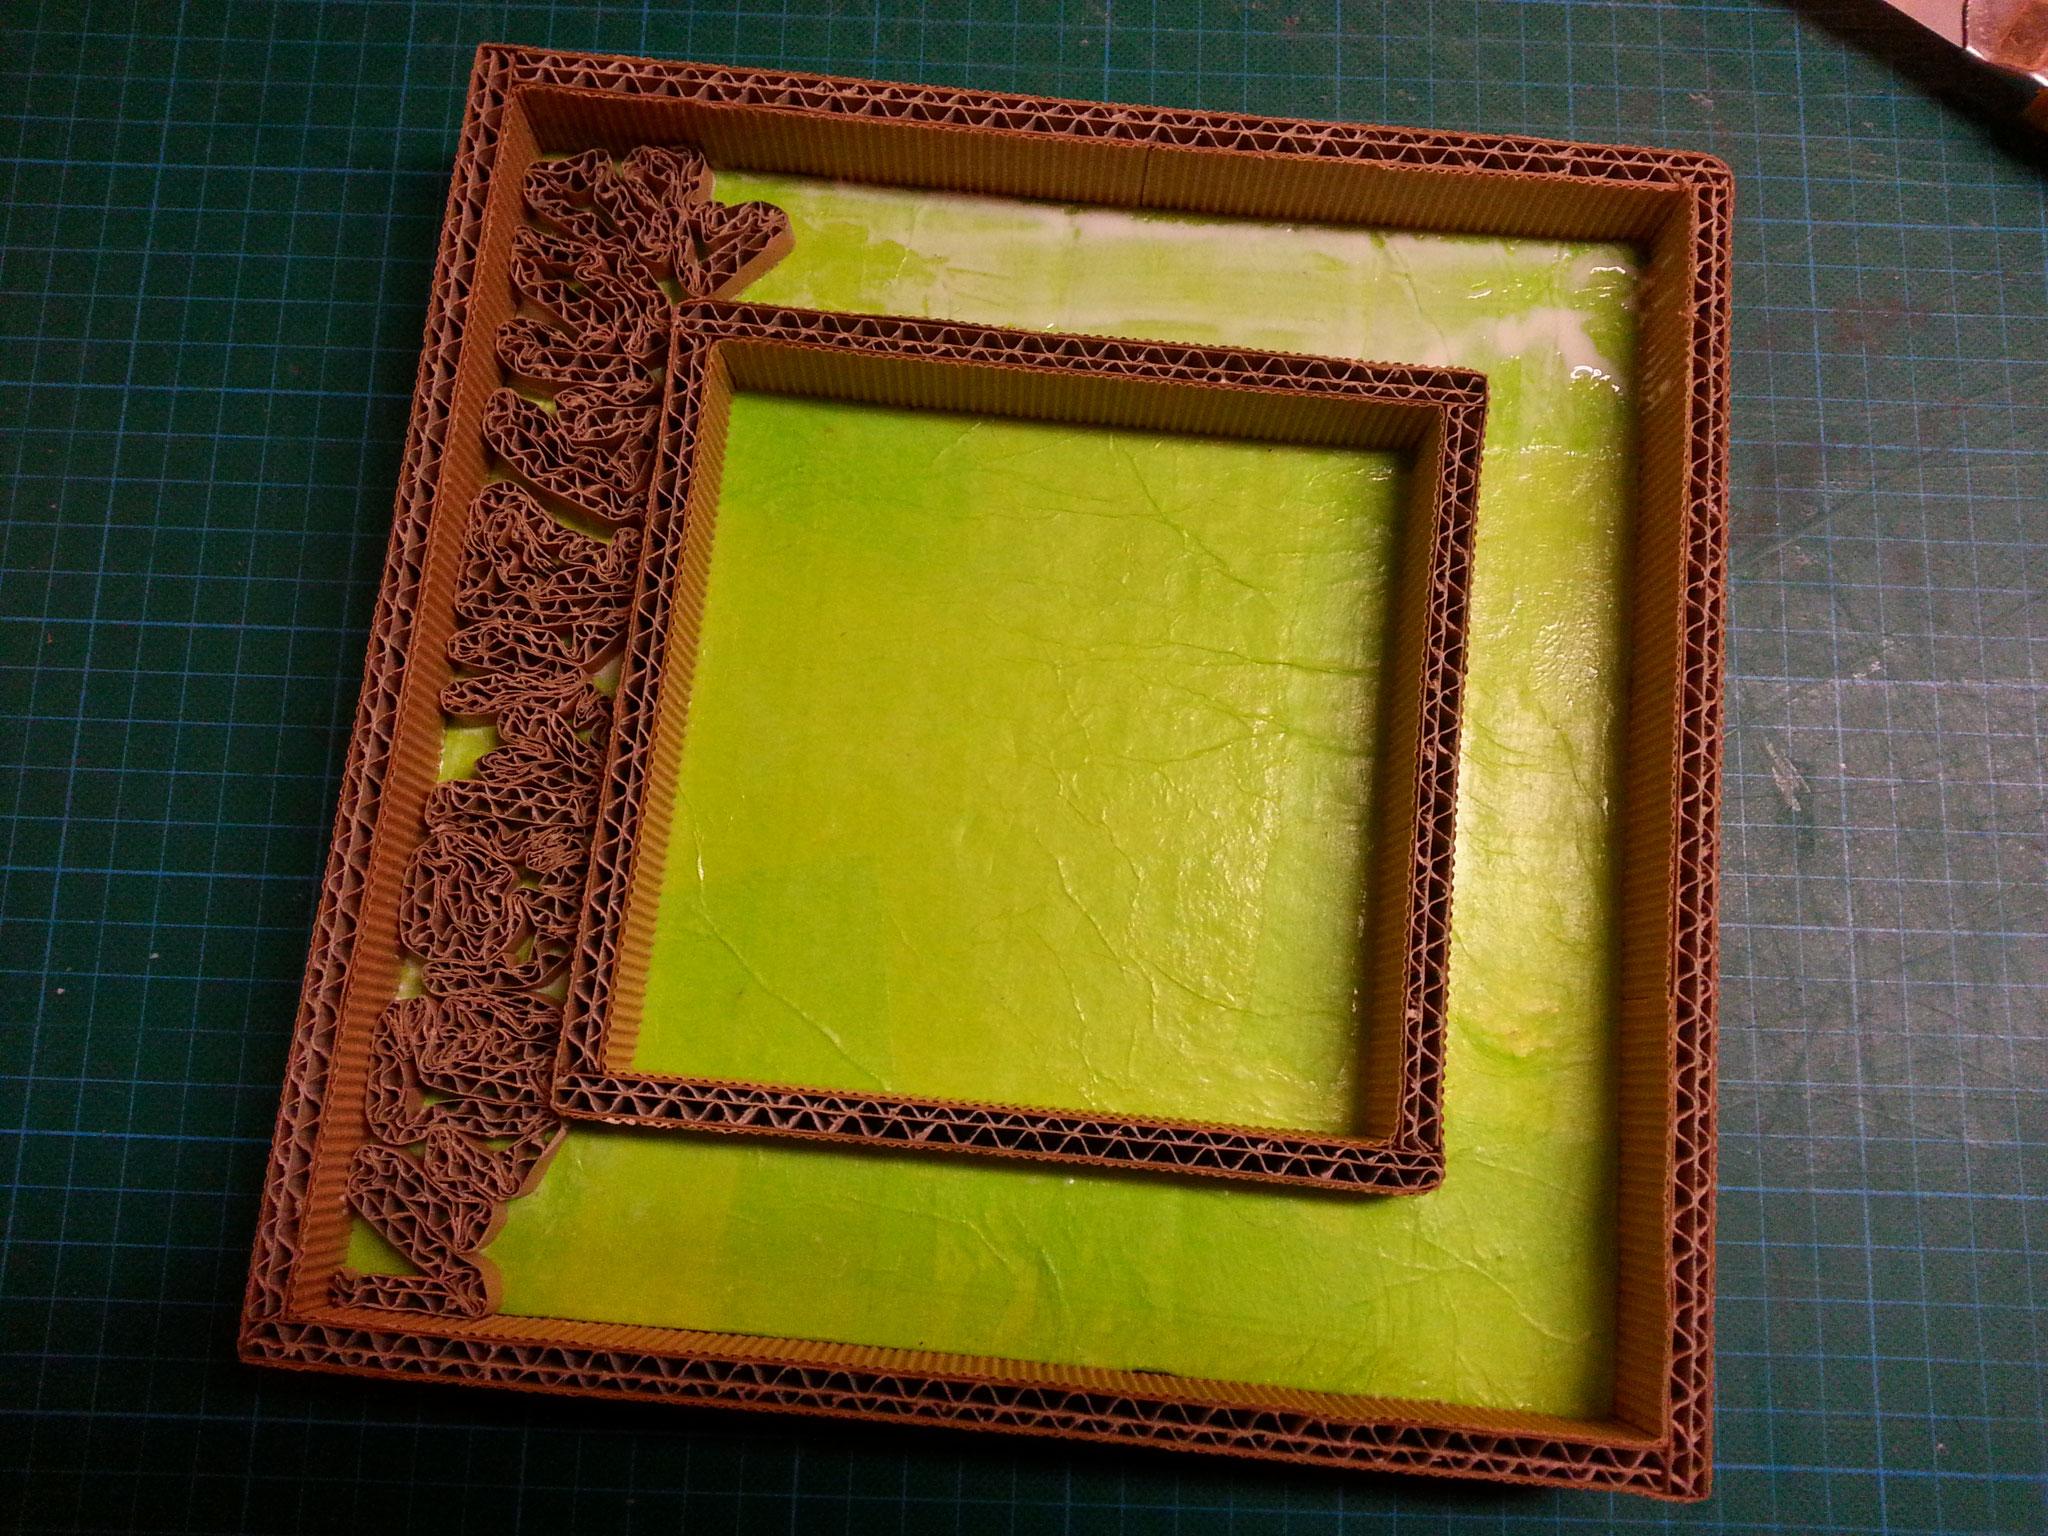 Recouvrement de la bordure avec des frisottis de carton ( bandes de carton découpées et collées sur la tranche).